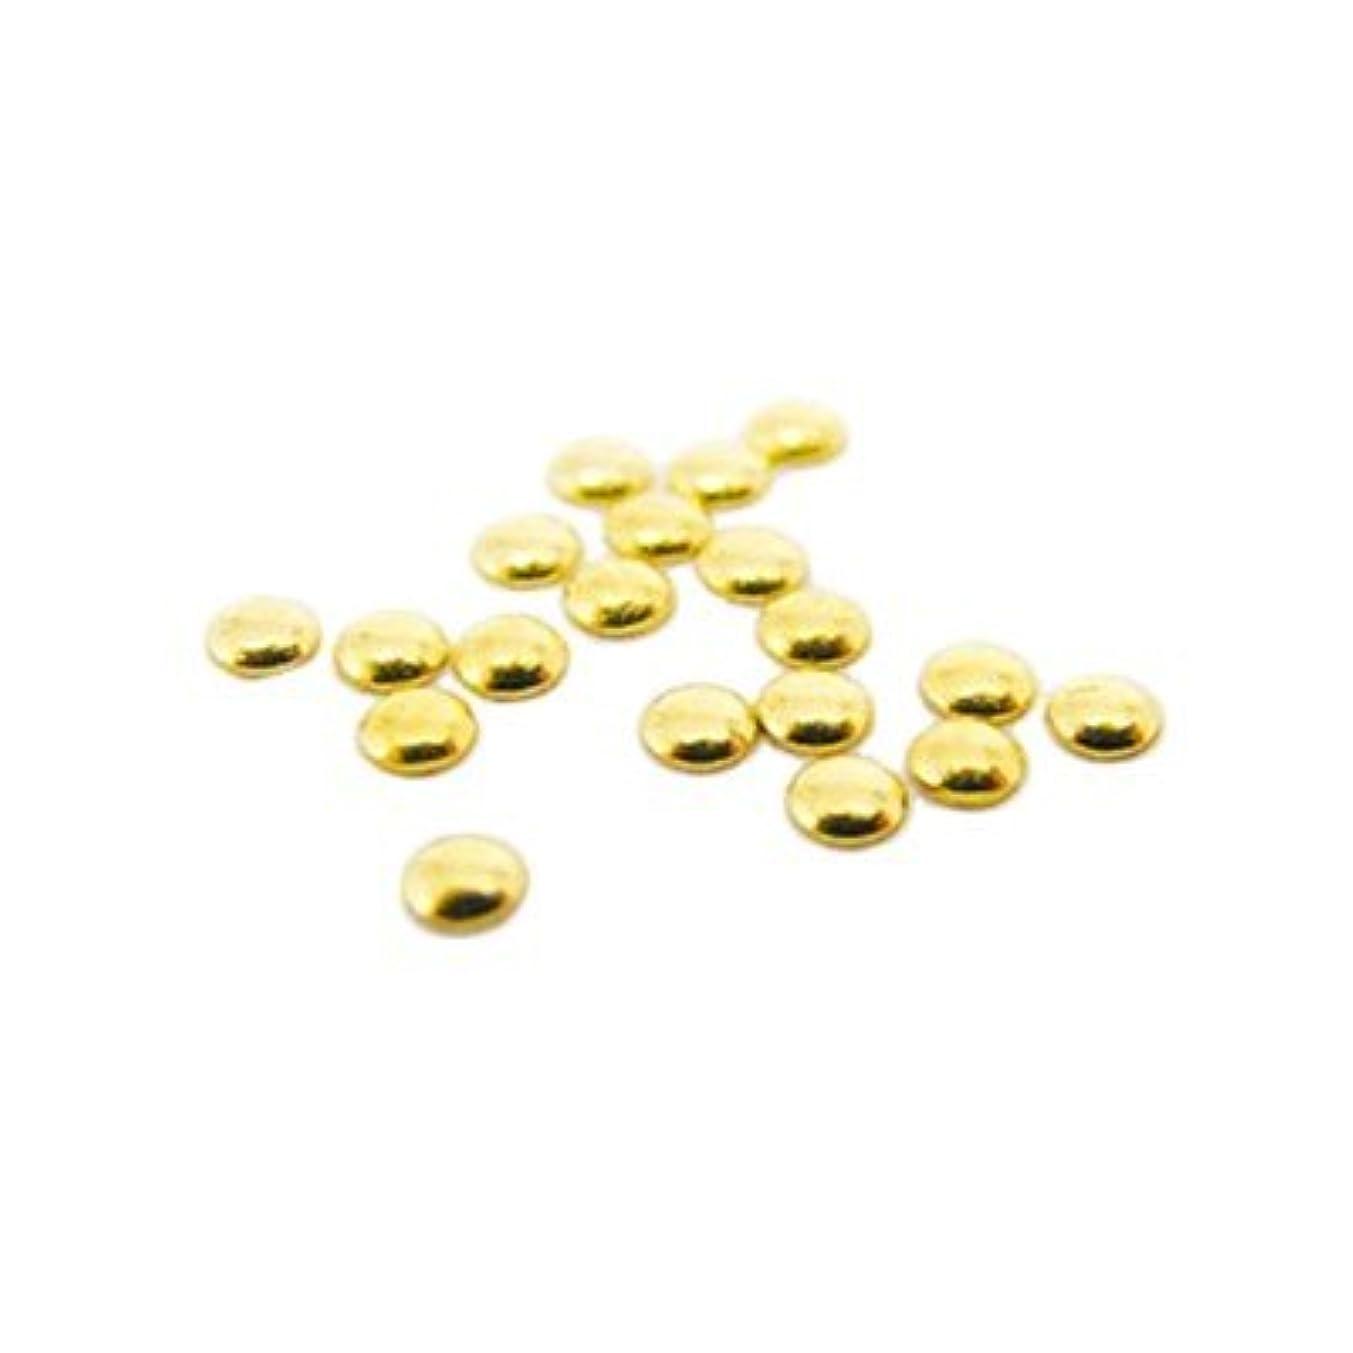 フルートファシズム行政ピアドラ スタッズ 2.0mm 50P ゴールド